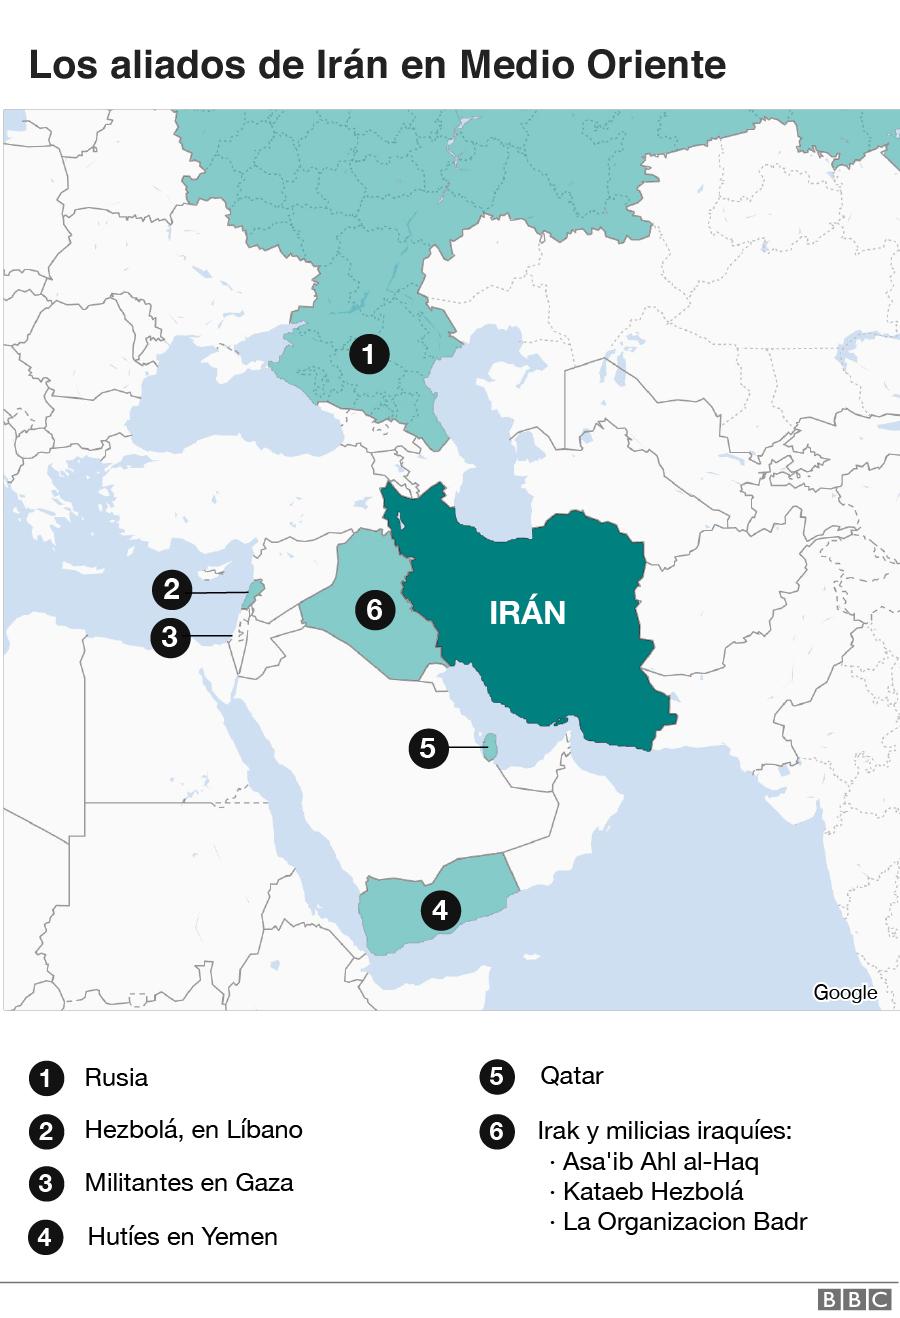 Países aliados de Irán